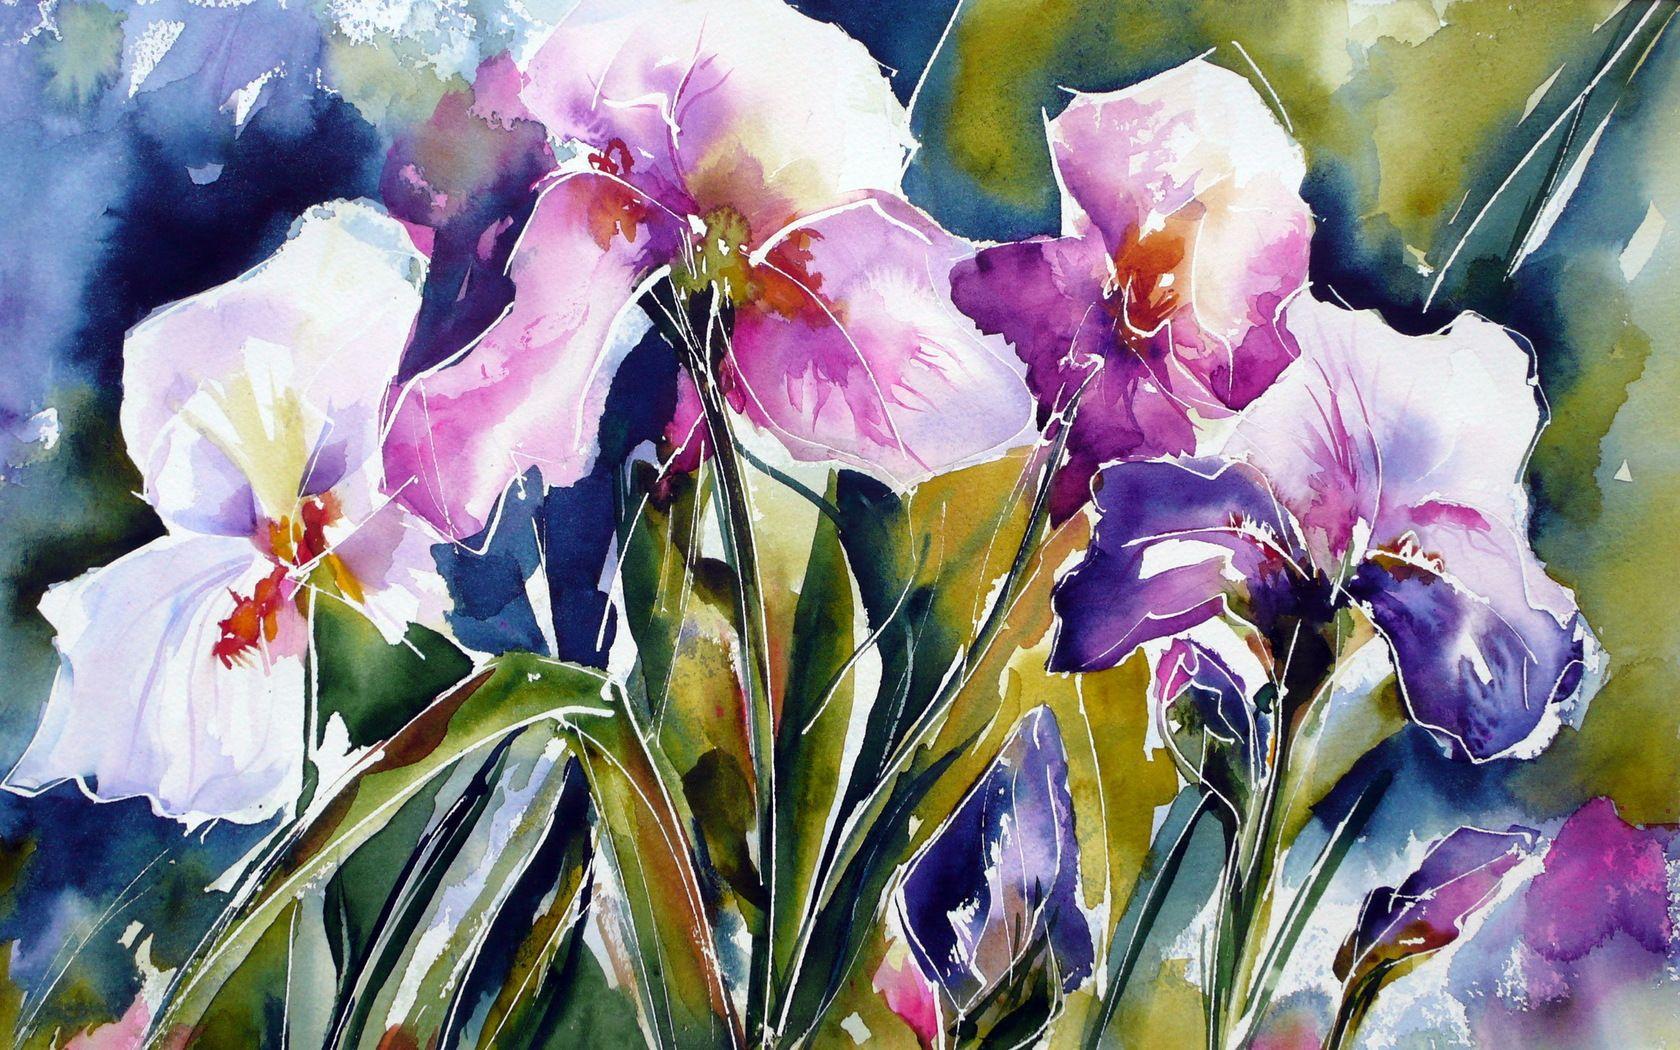 como pintar flores en acuarela - Buscar con Google